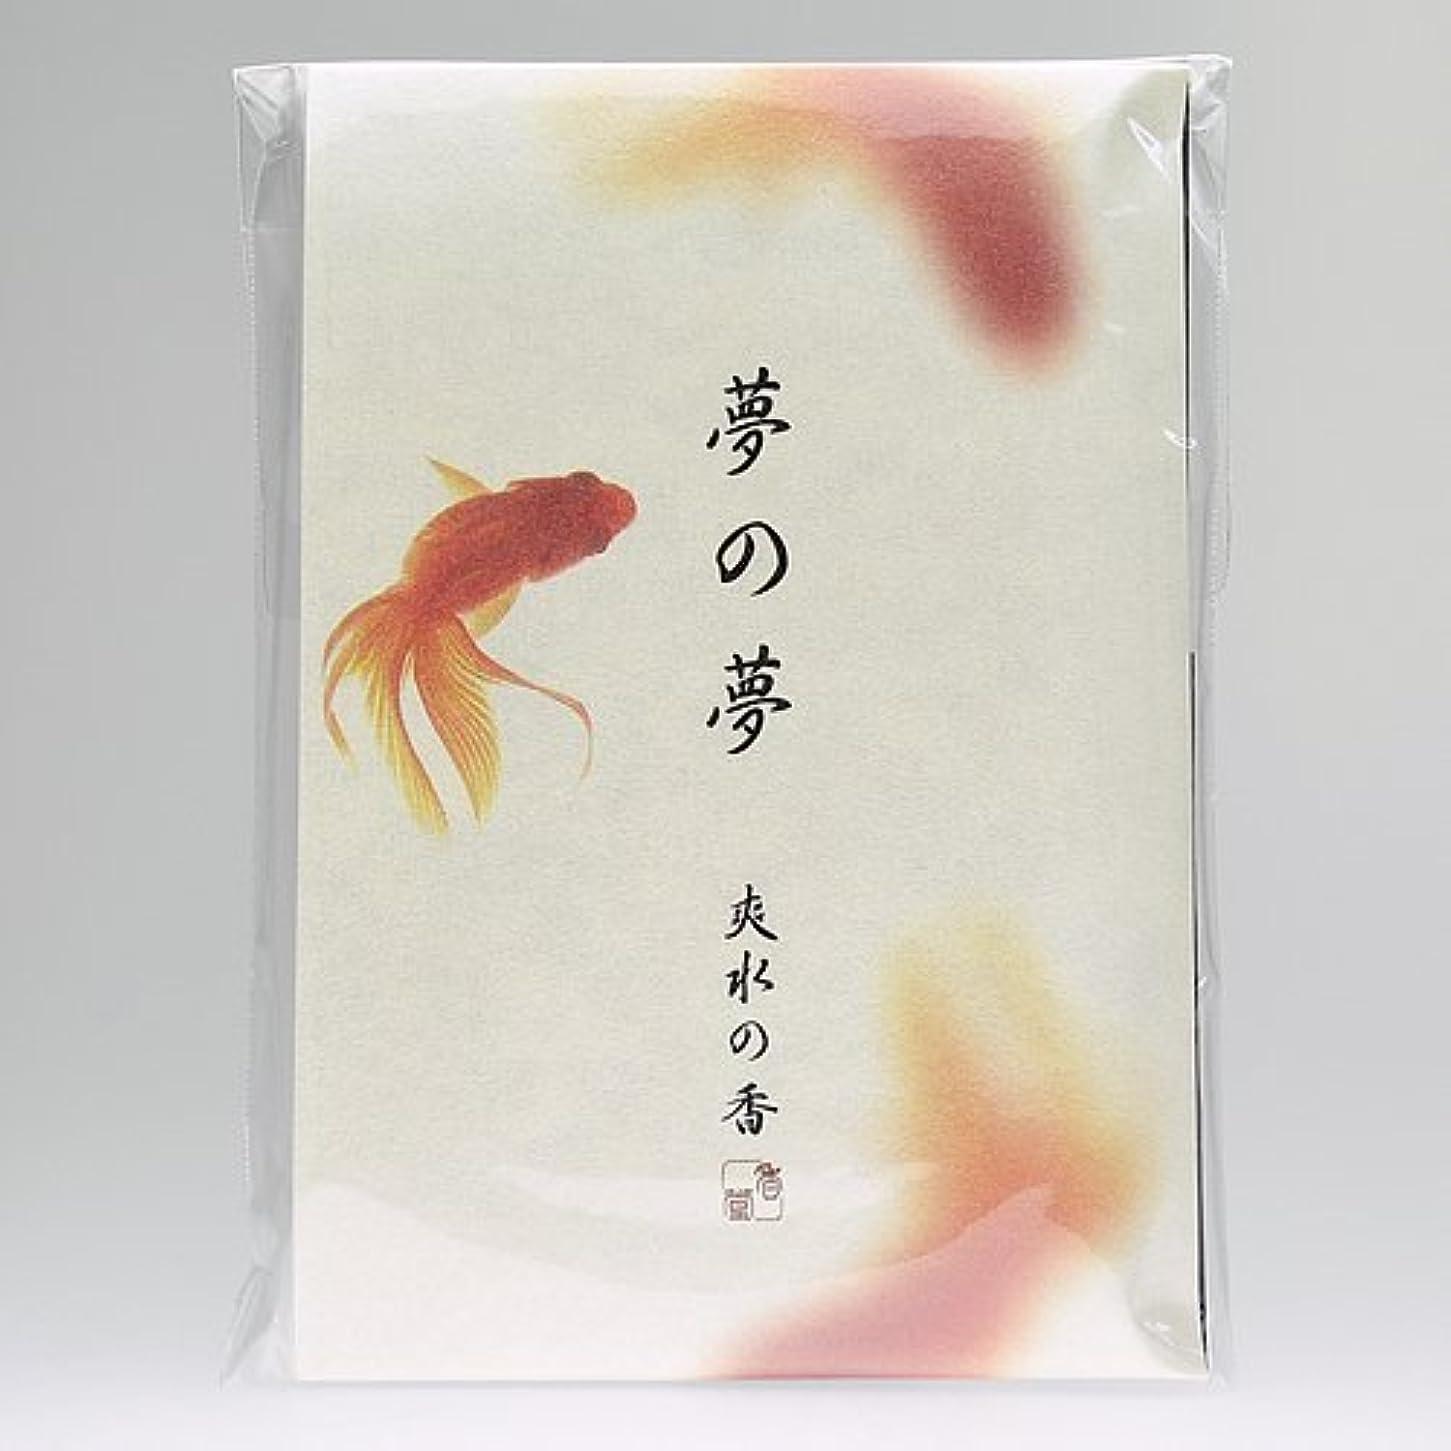 ニュースバルコニー聴衆夢の夢 爽水の香 (金魚) スティック12本入